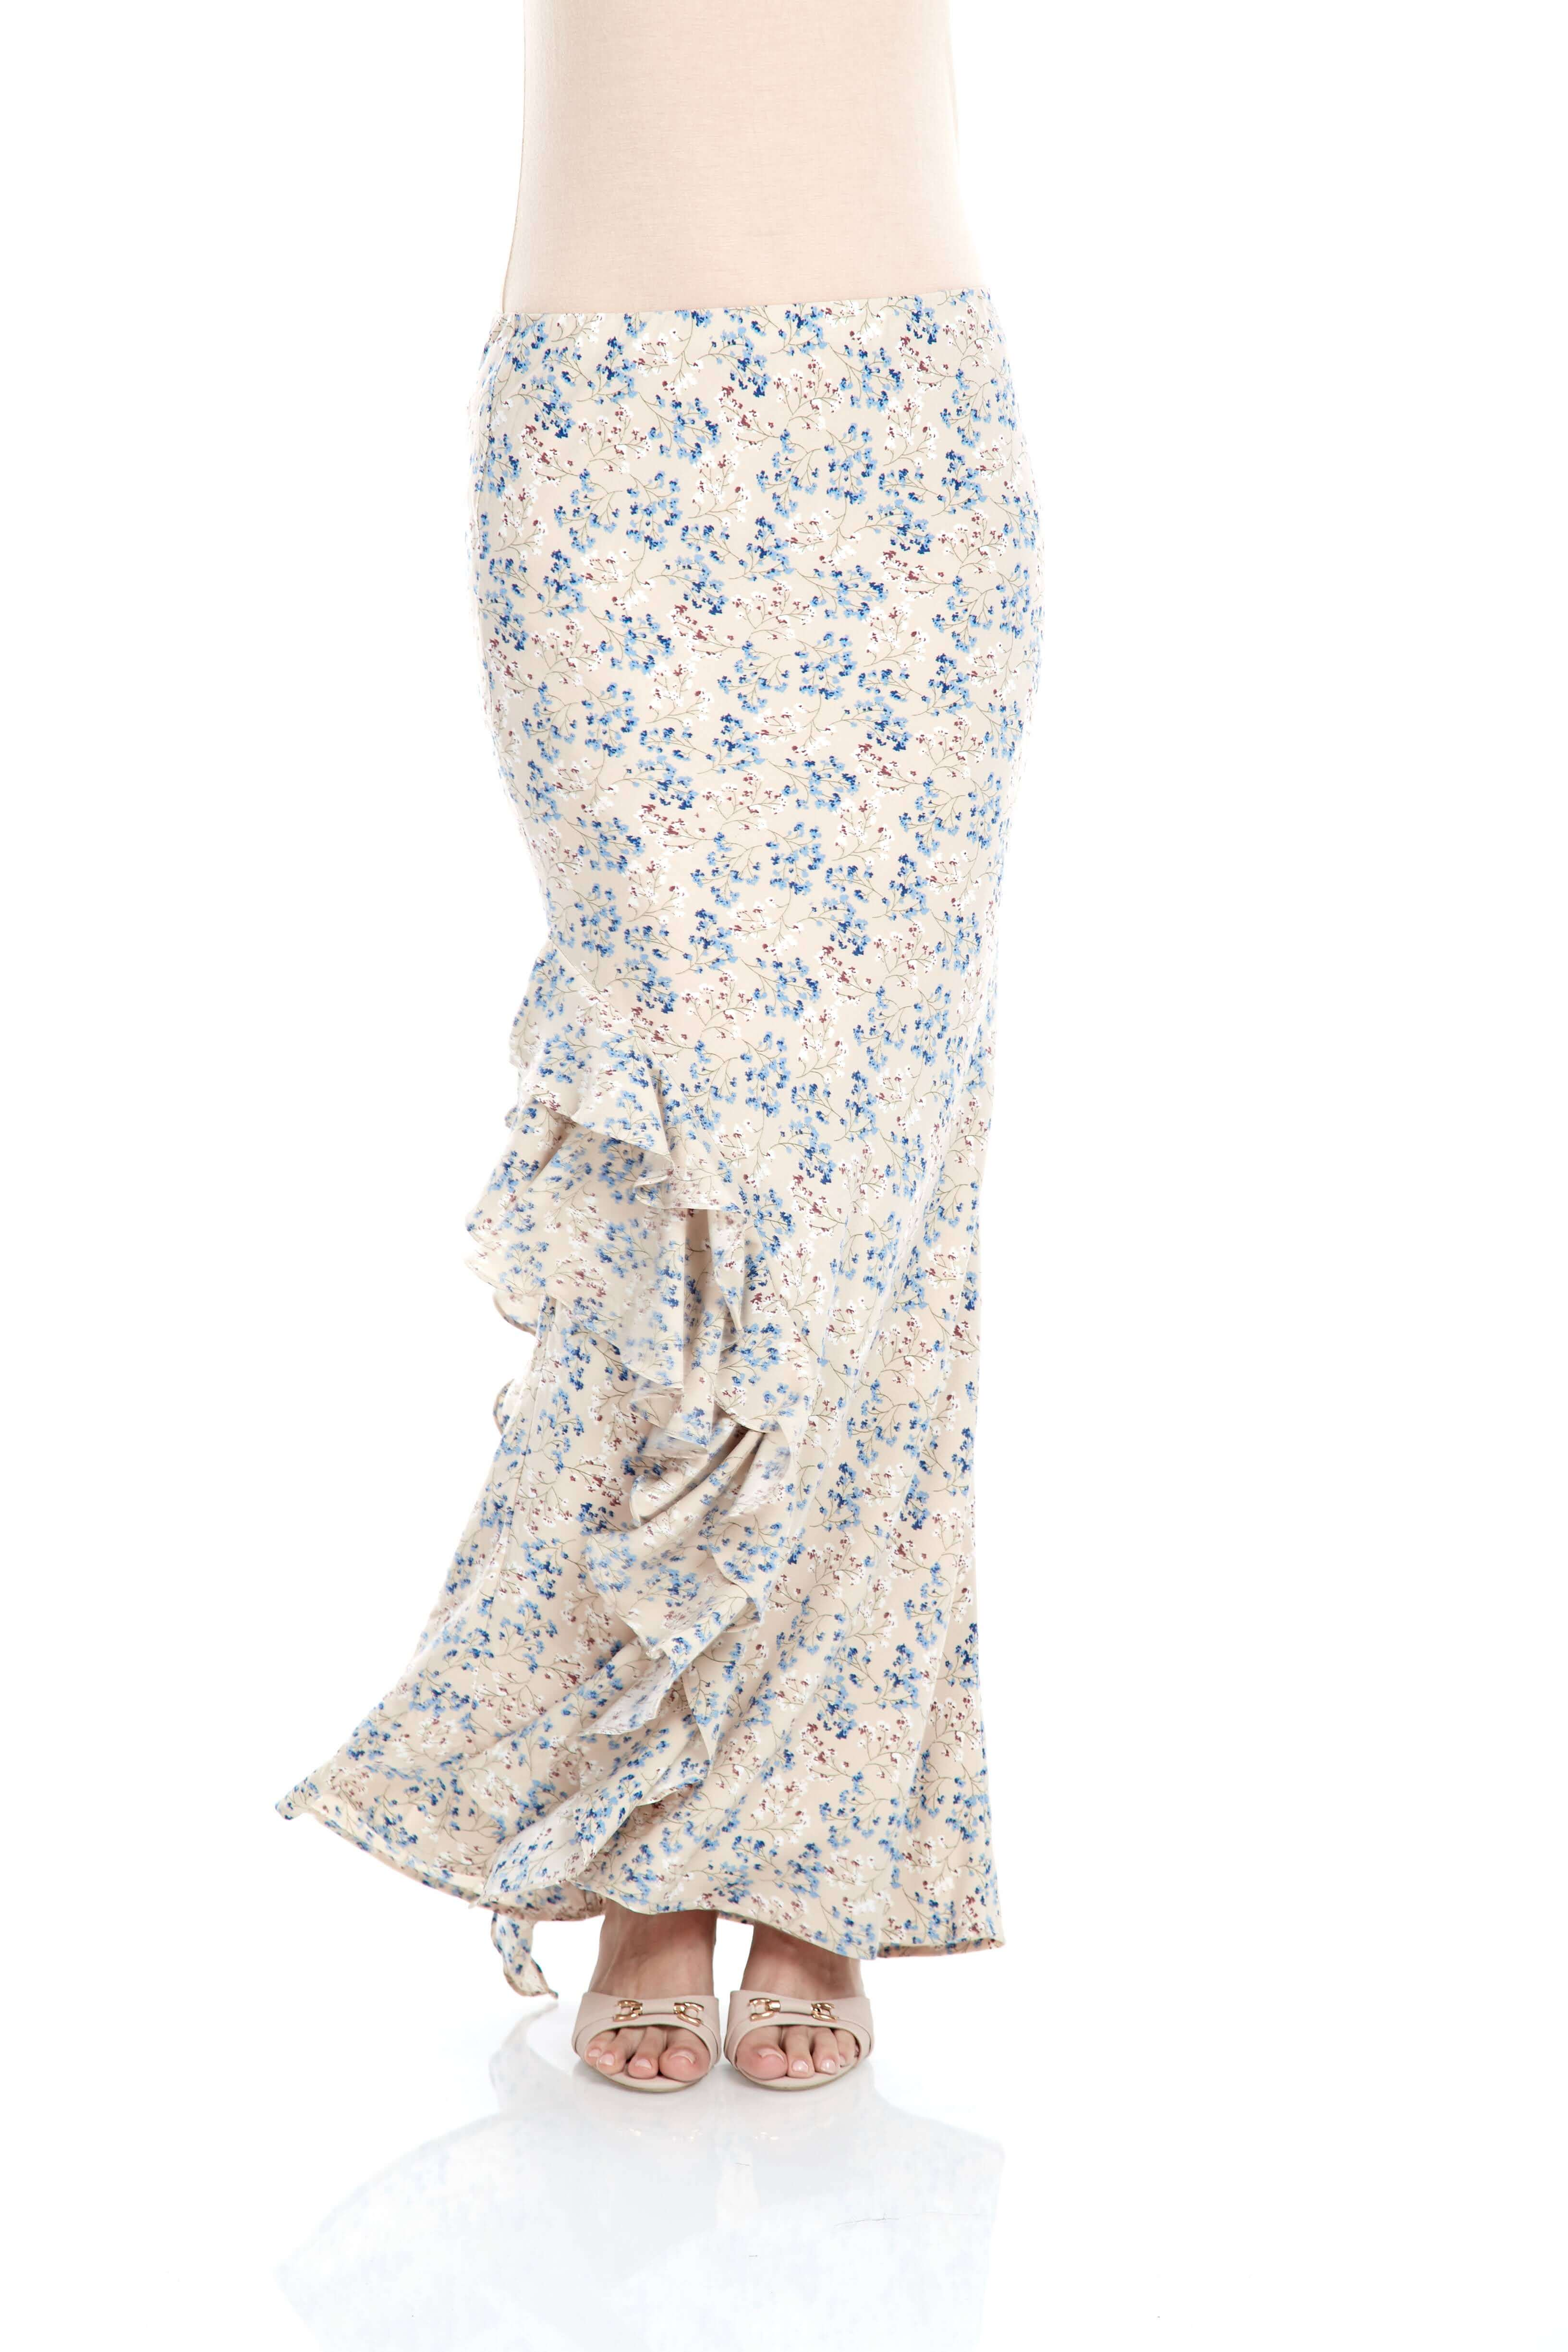 Beige Floral Ruffle Skirt (5)